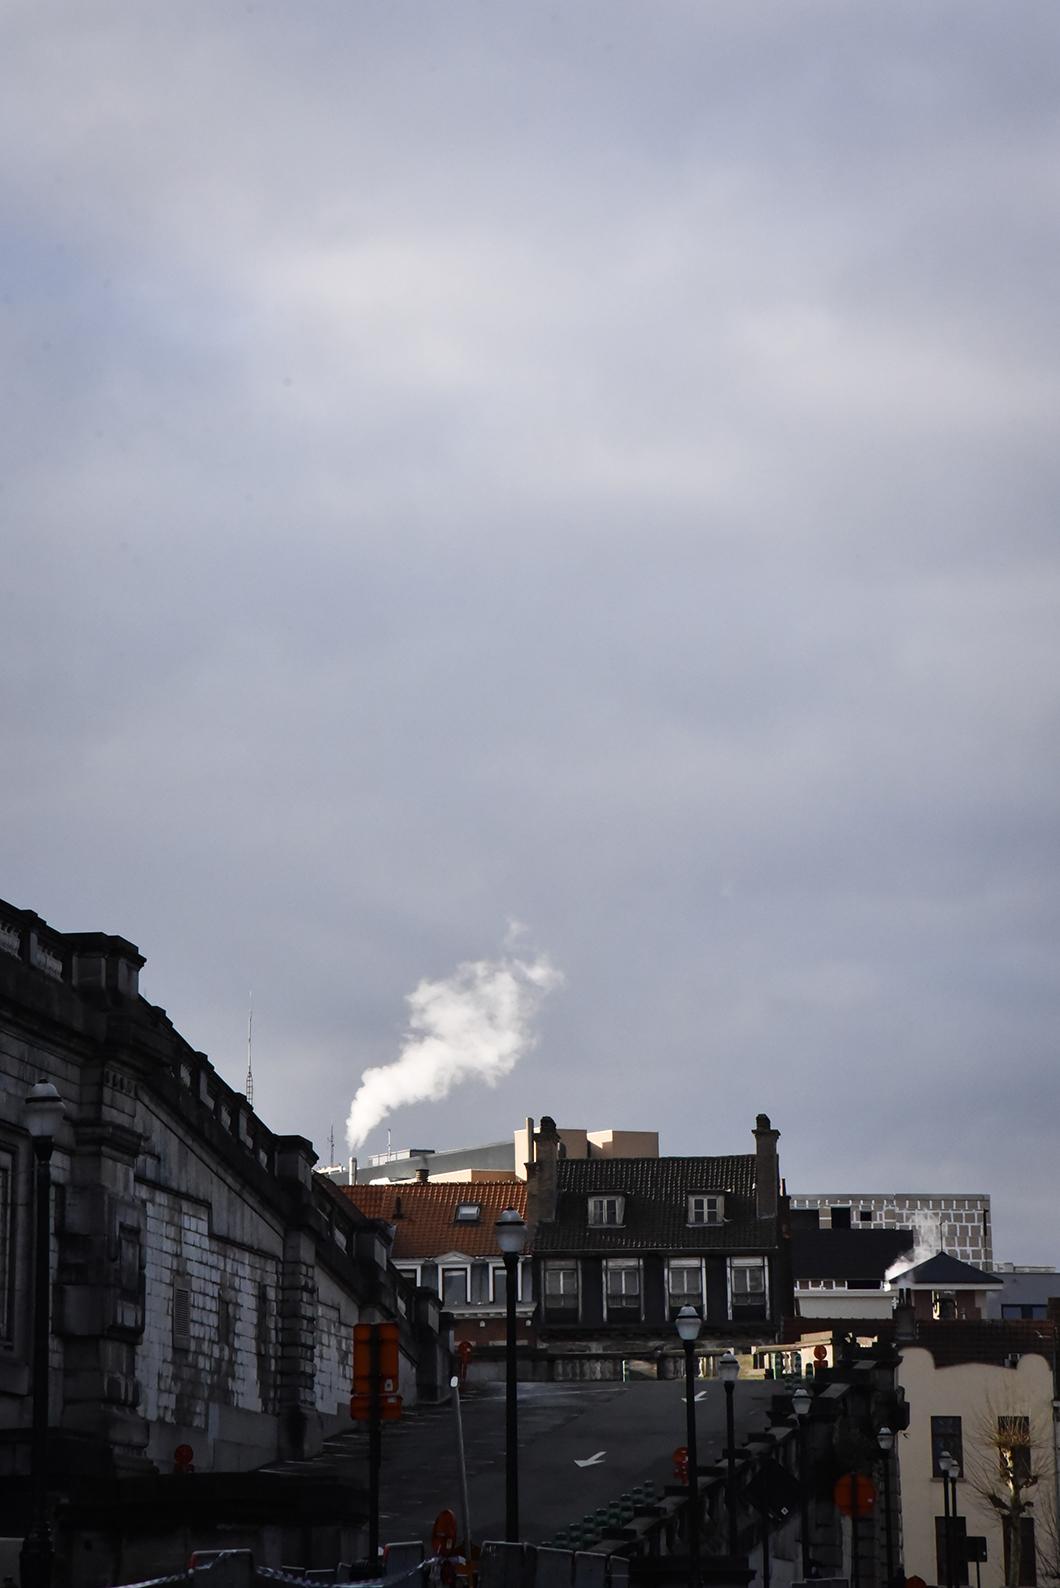 Les Marolles à Bruxelles